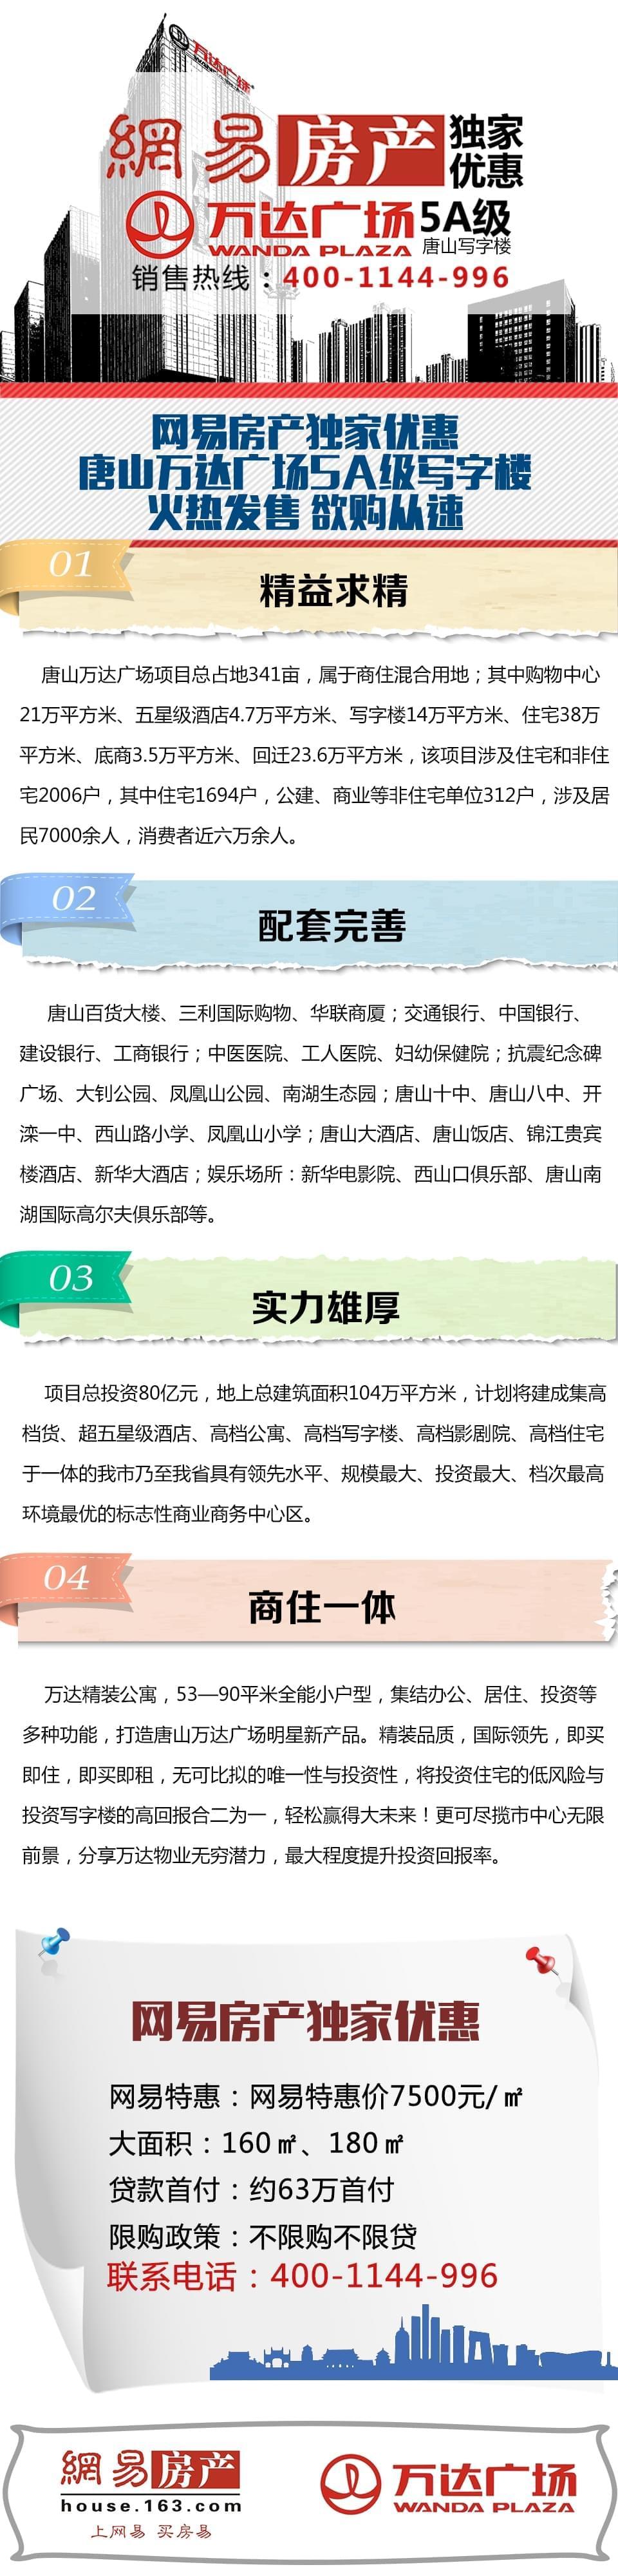 唐山万达广场5A级写字楼火爆发售 网易房产独家优惠